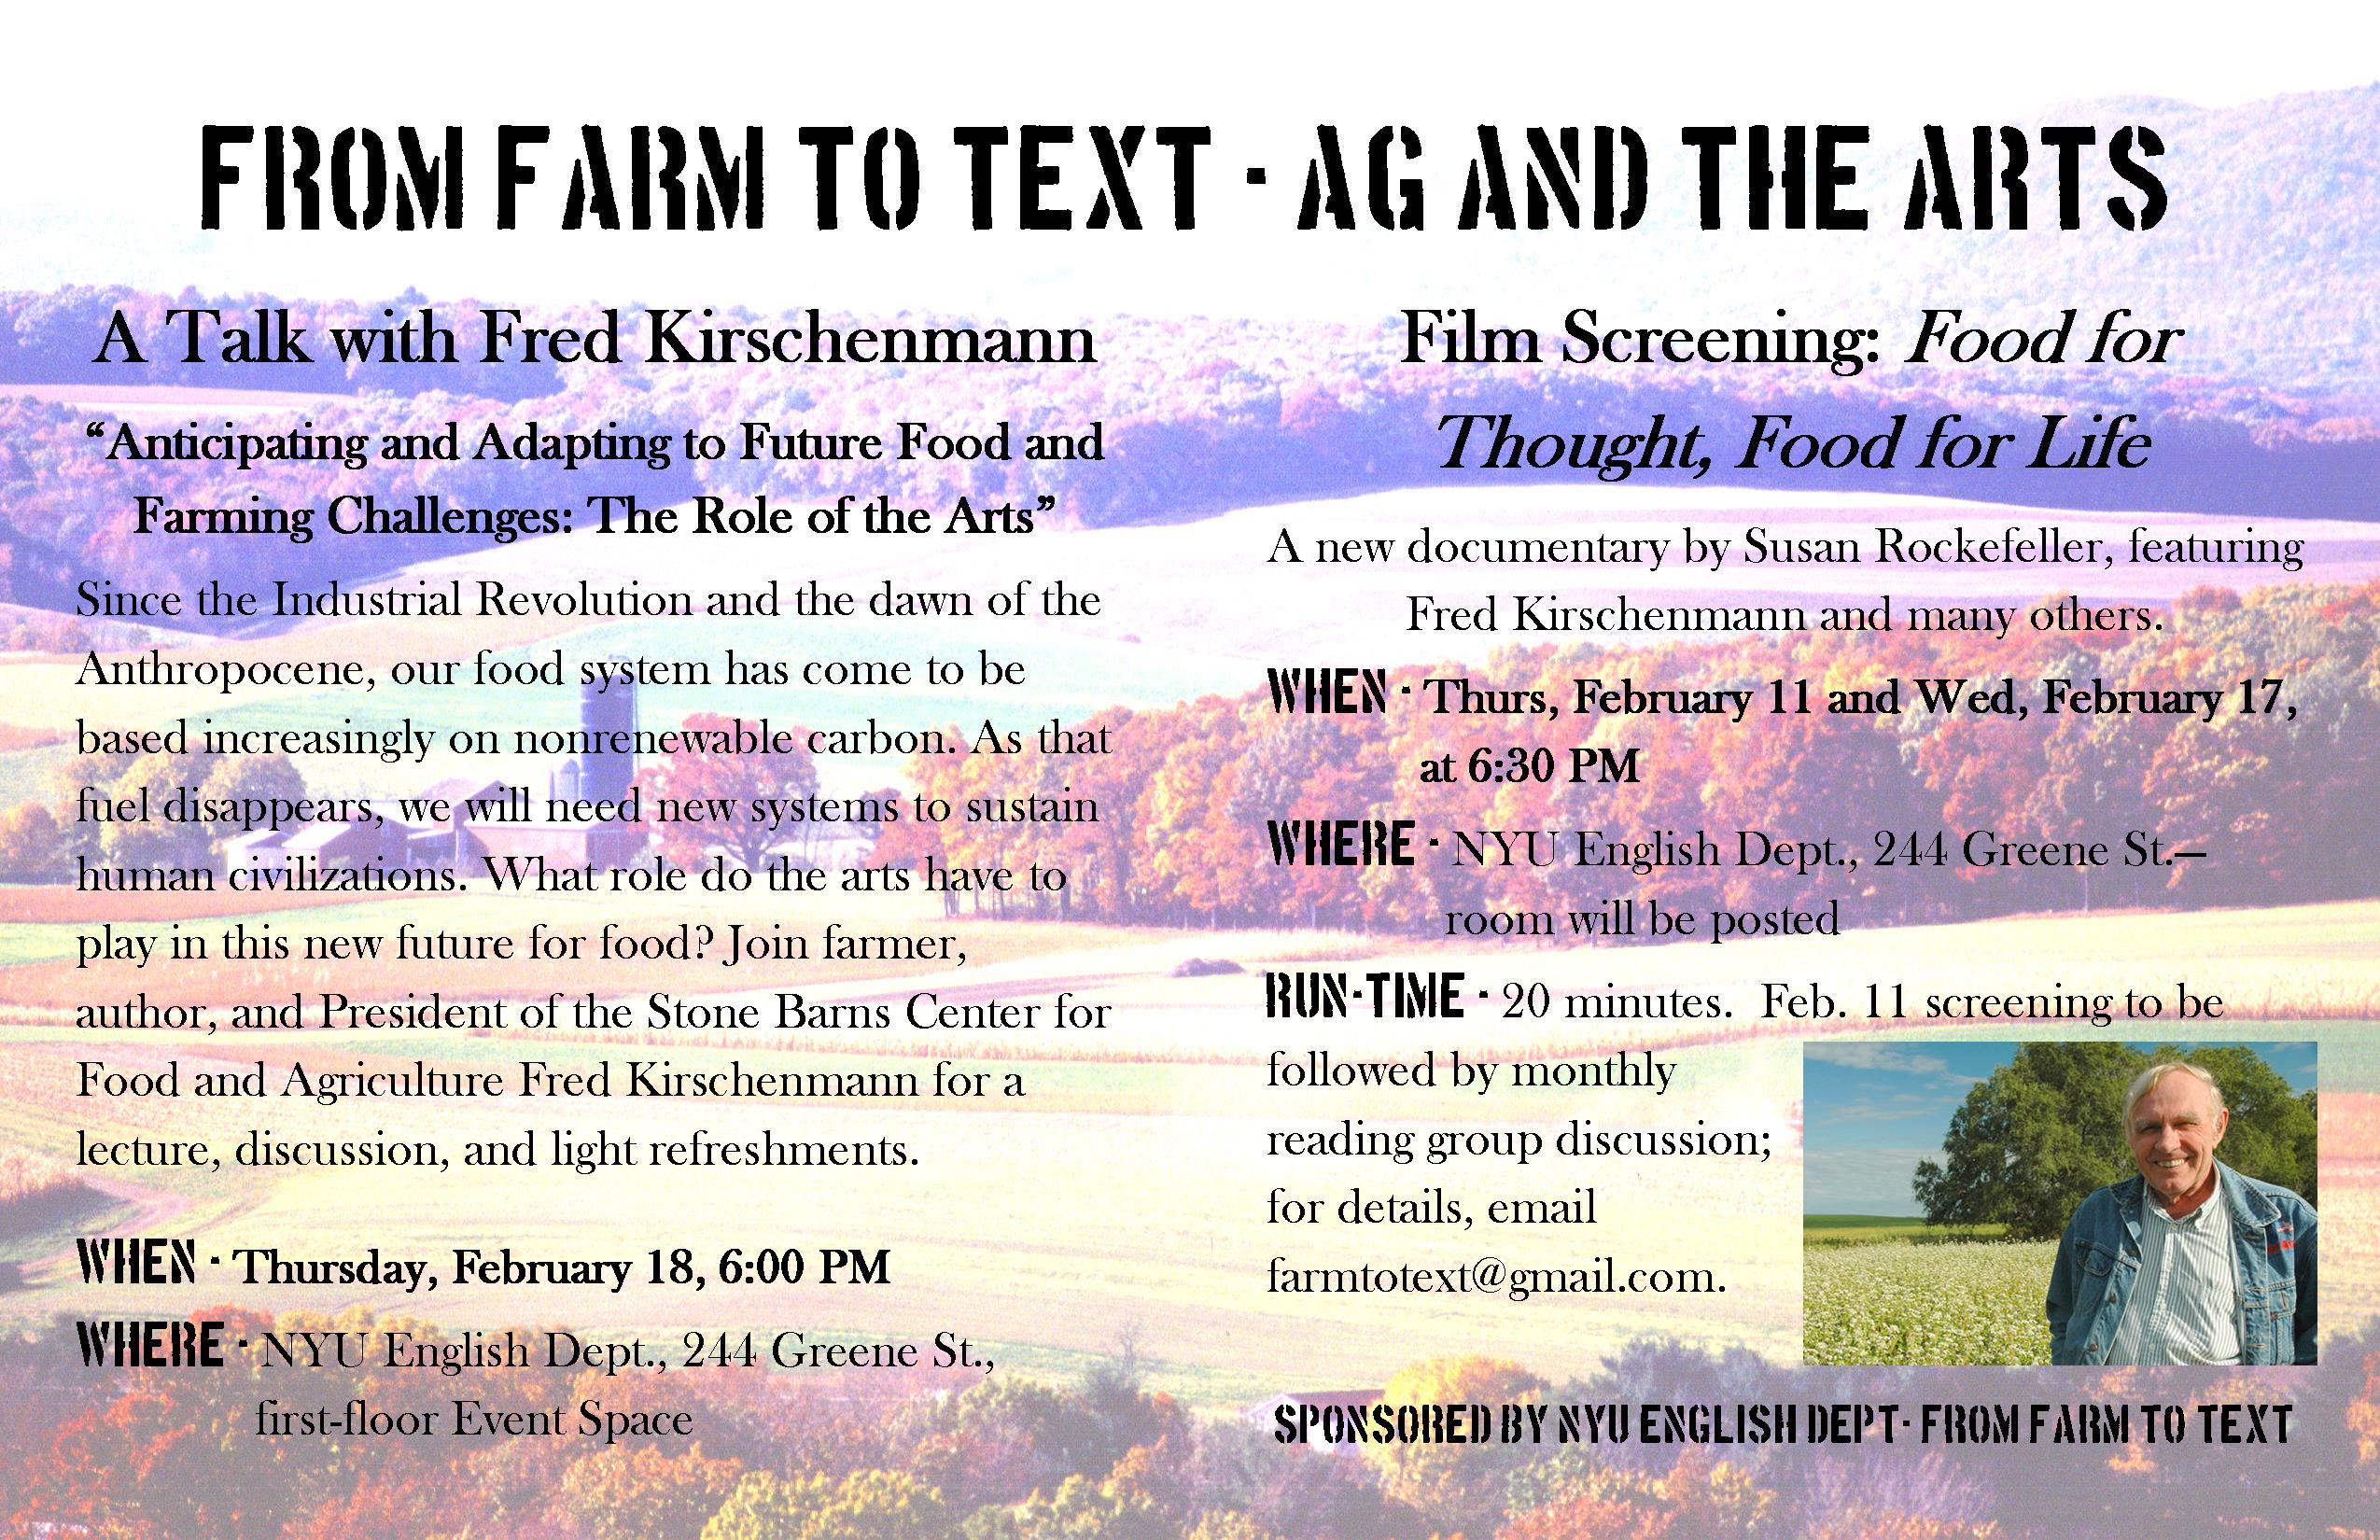 poster 4 - kirschenmann event - landscape